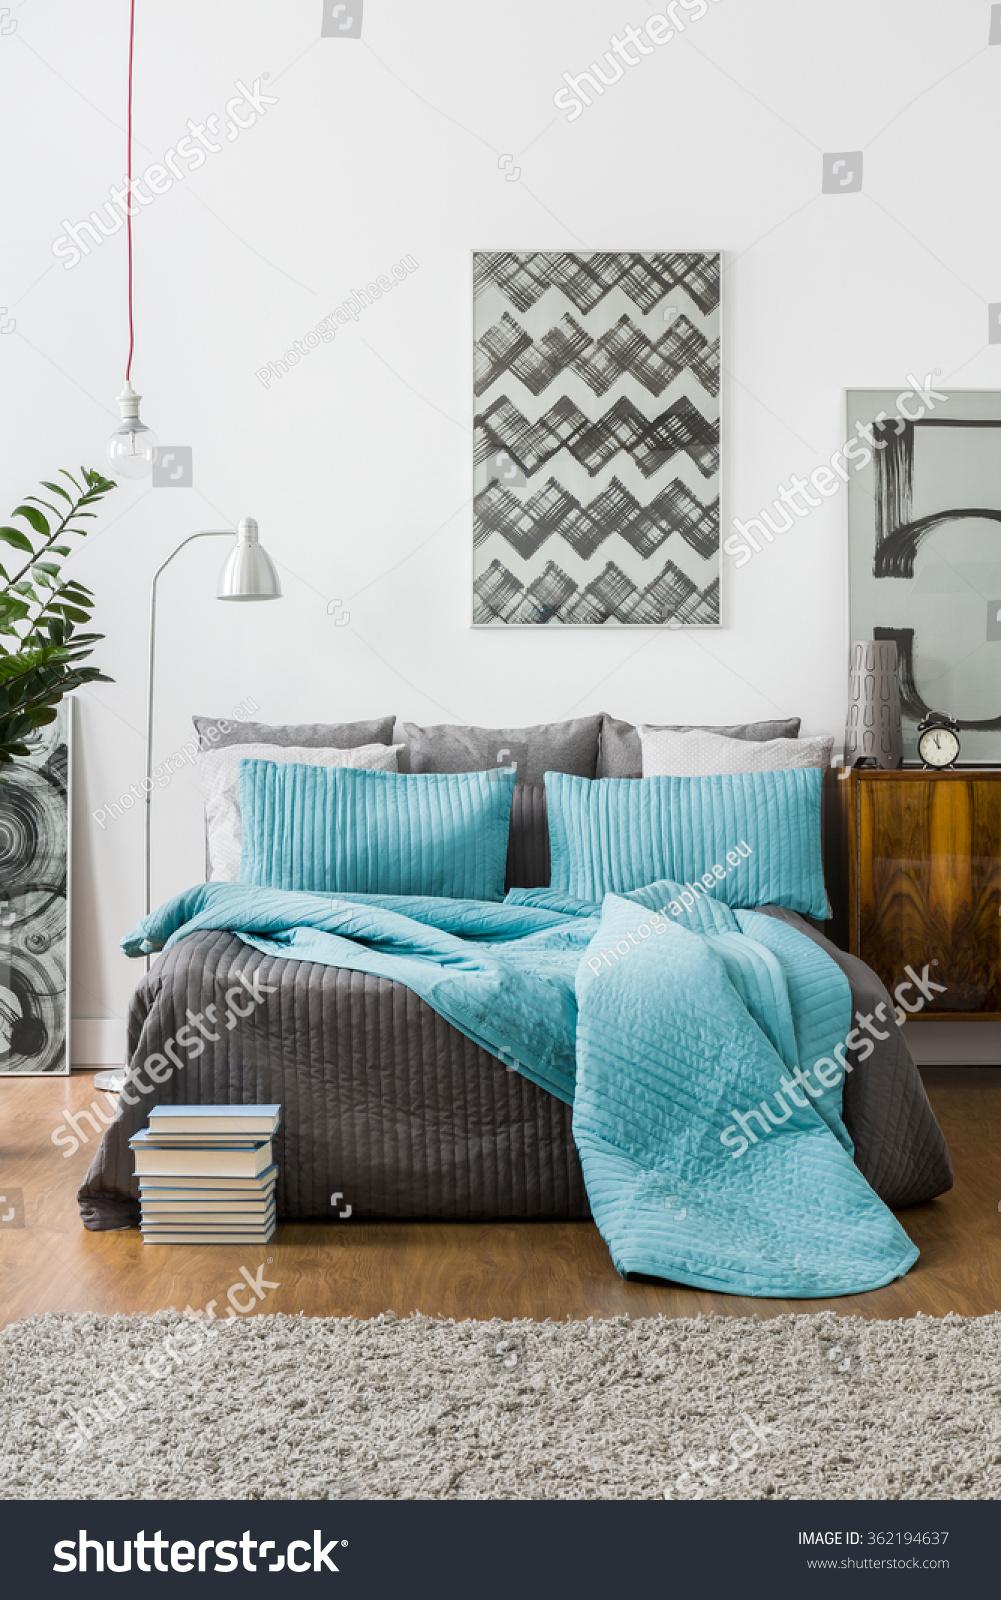 Matrimonio Bed : Interior homey bedroom marriage bed stock photo